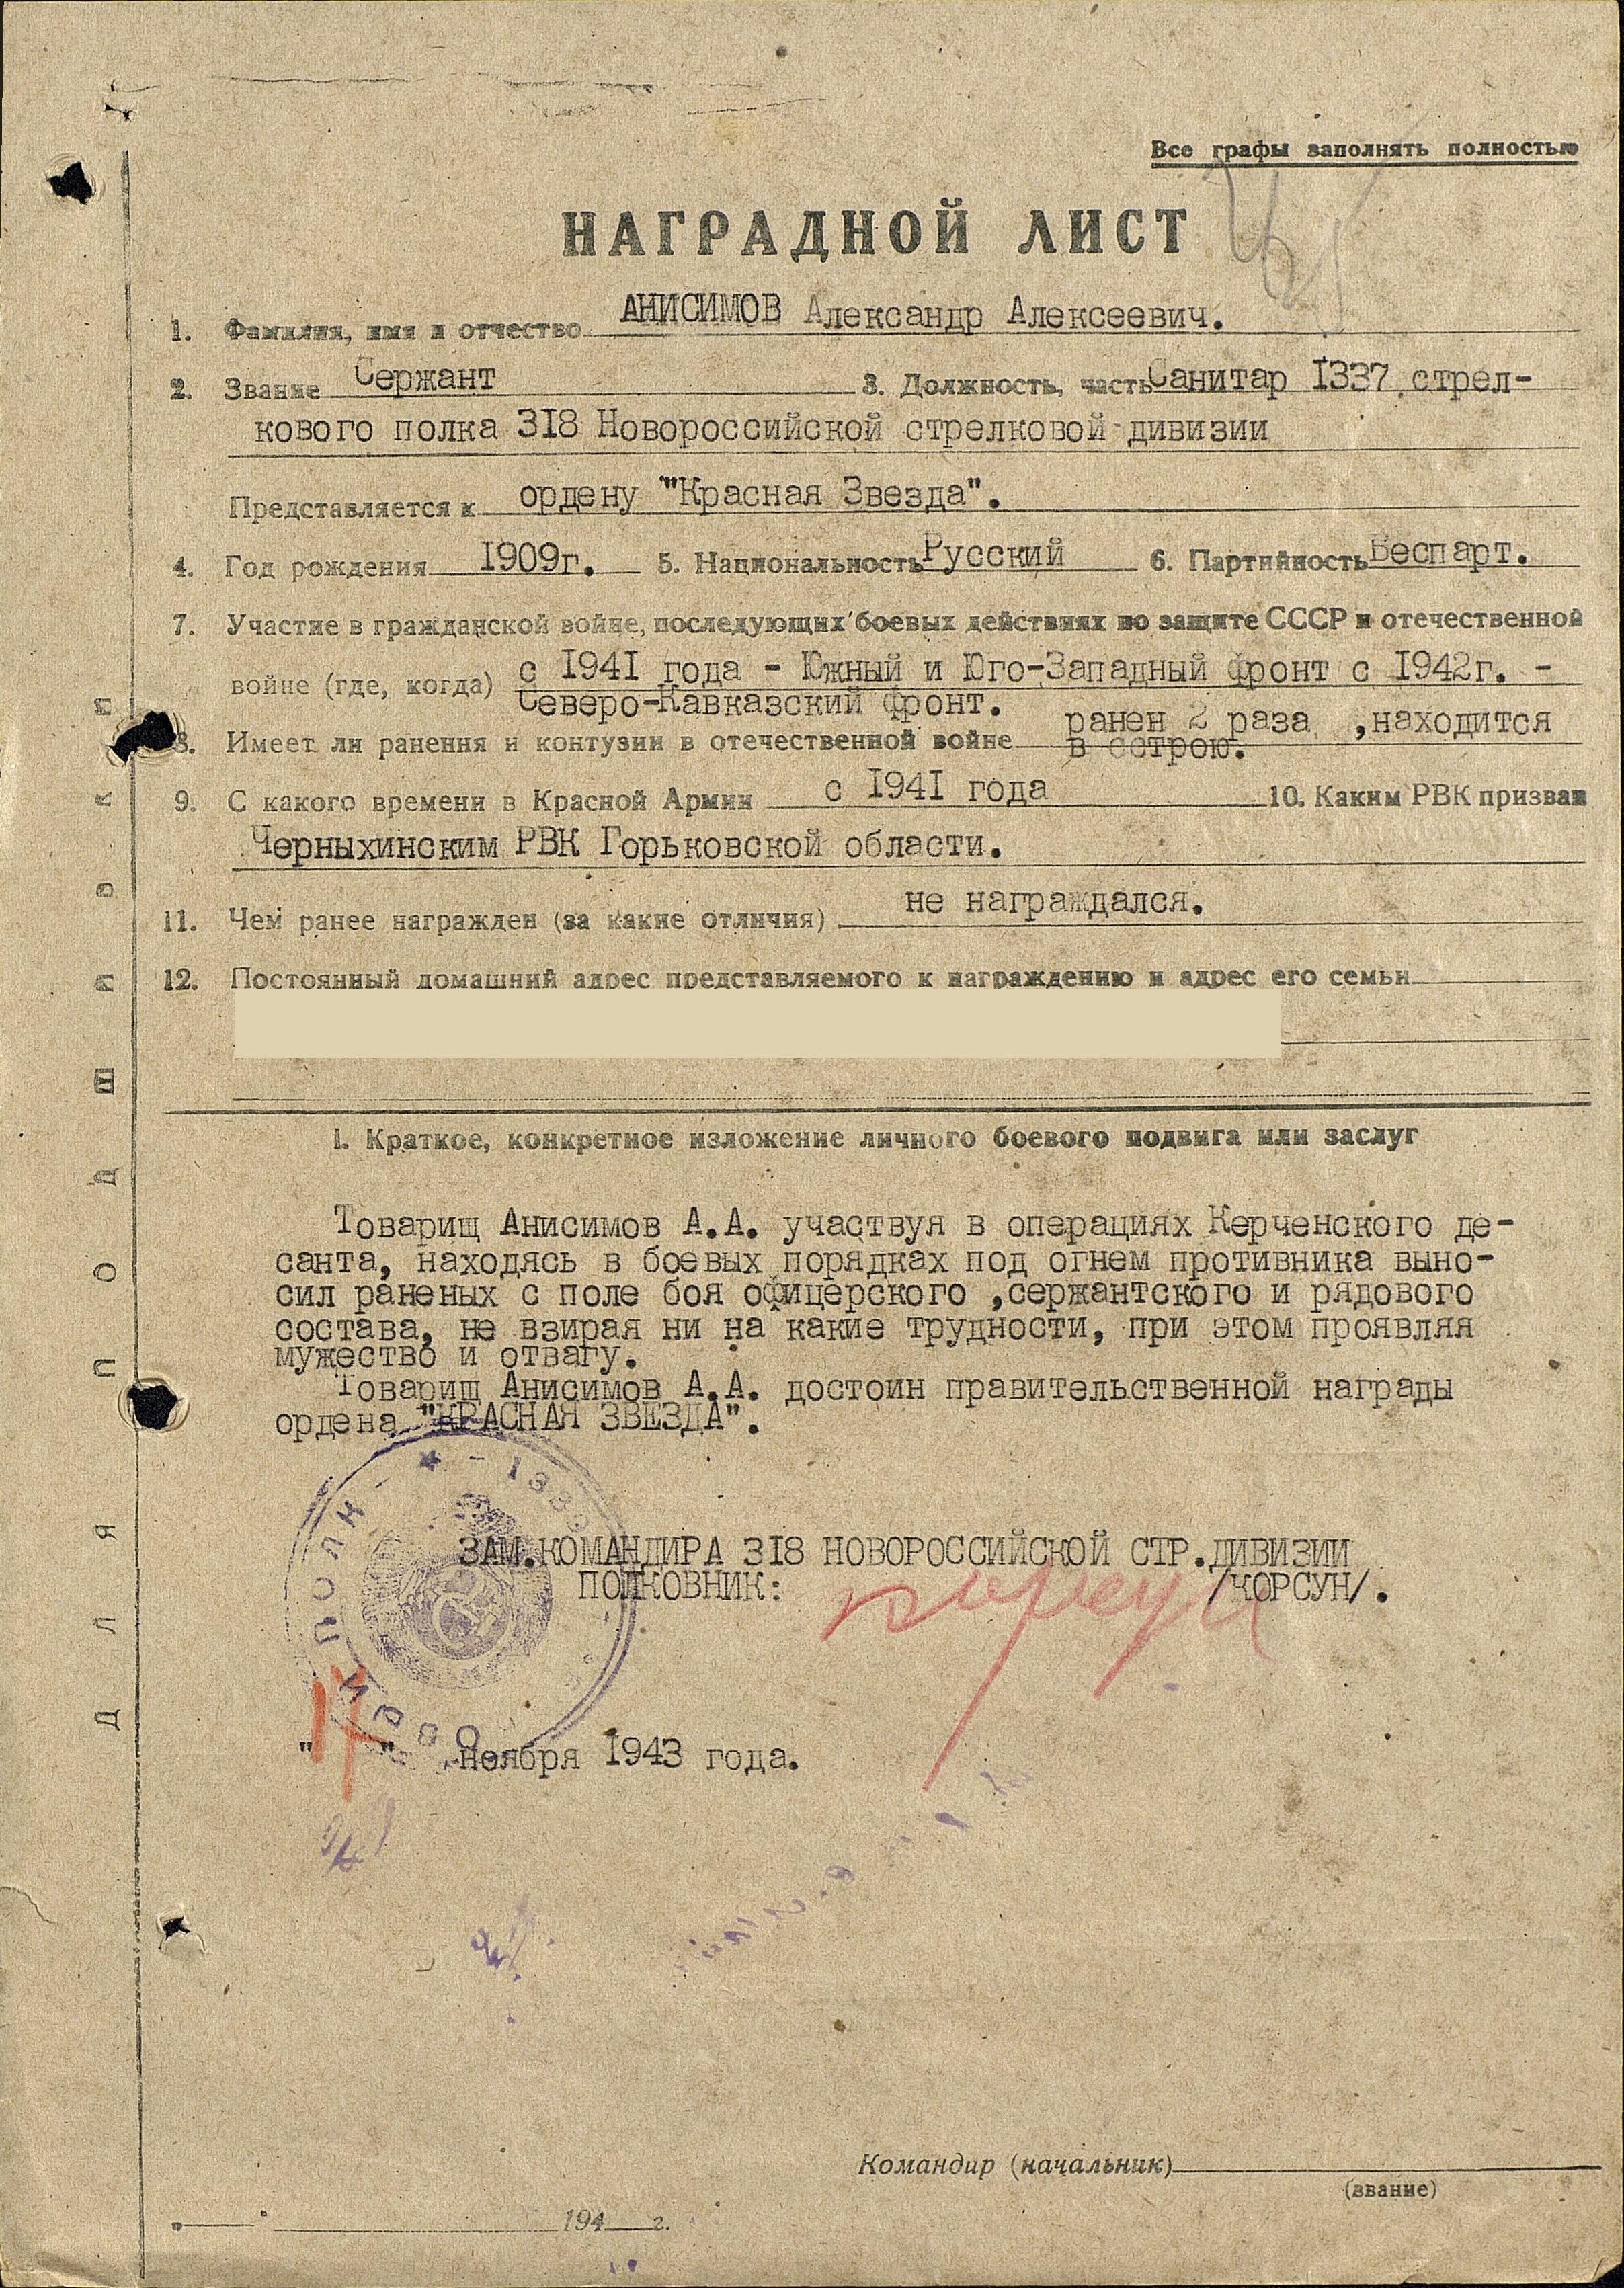 Наградной лист Анисимова Александра Алексеевича орденом Красной Звезды